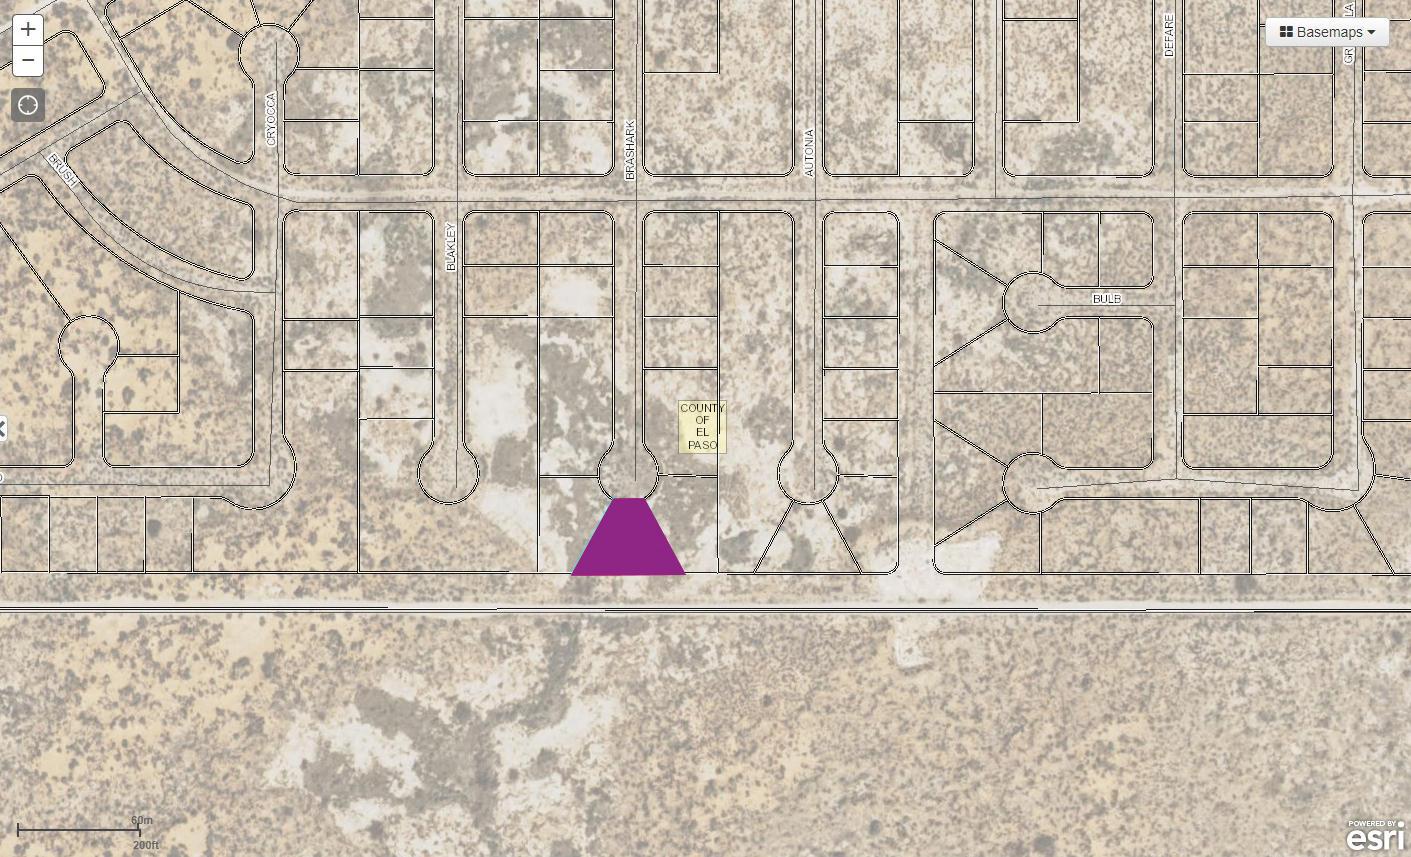 Lot #20 9 Horizon City Estates #95, Horizon City, Texas 79928, ,Land,For sale,9 Horizon City Estates #95,801931